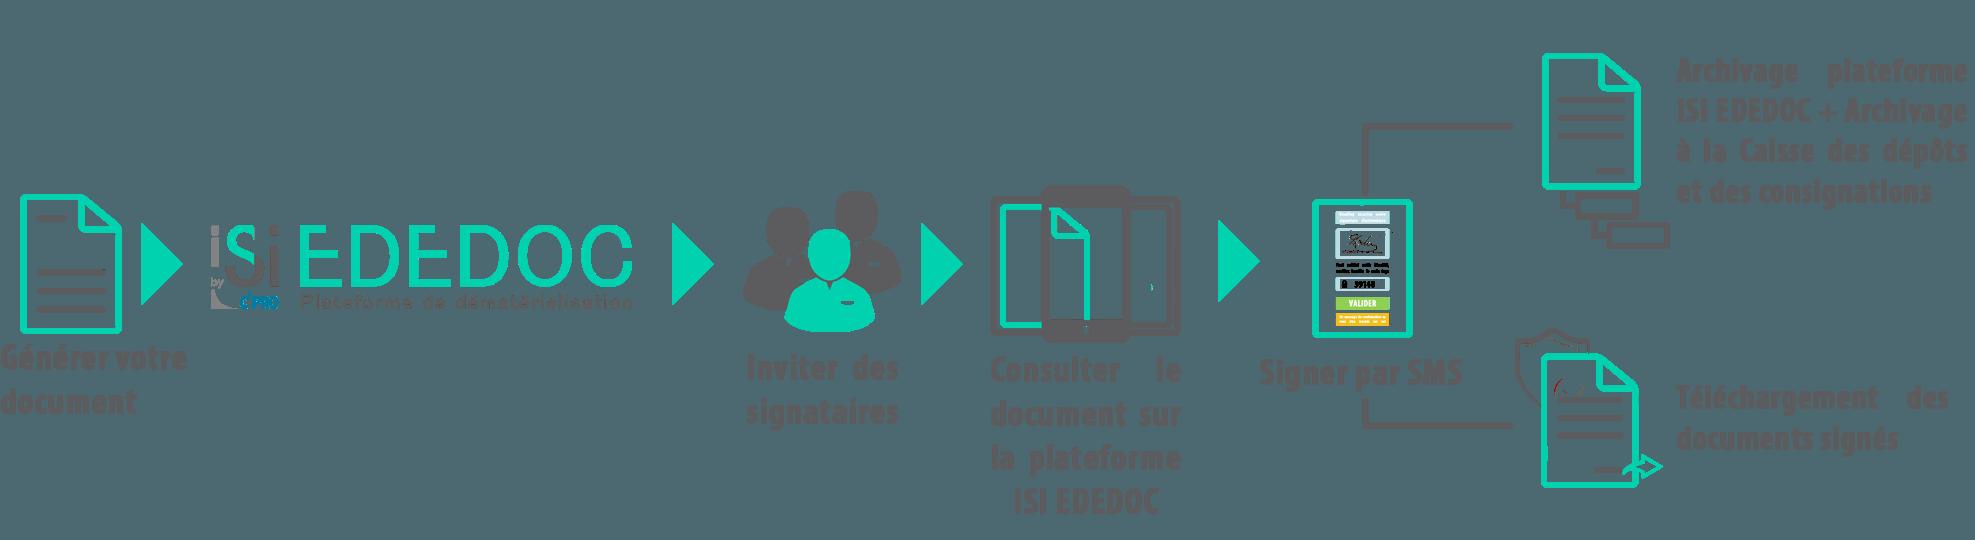 Générer votre document avec ISIEDEDOC